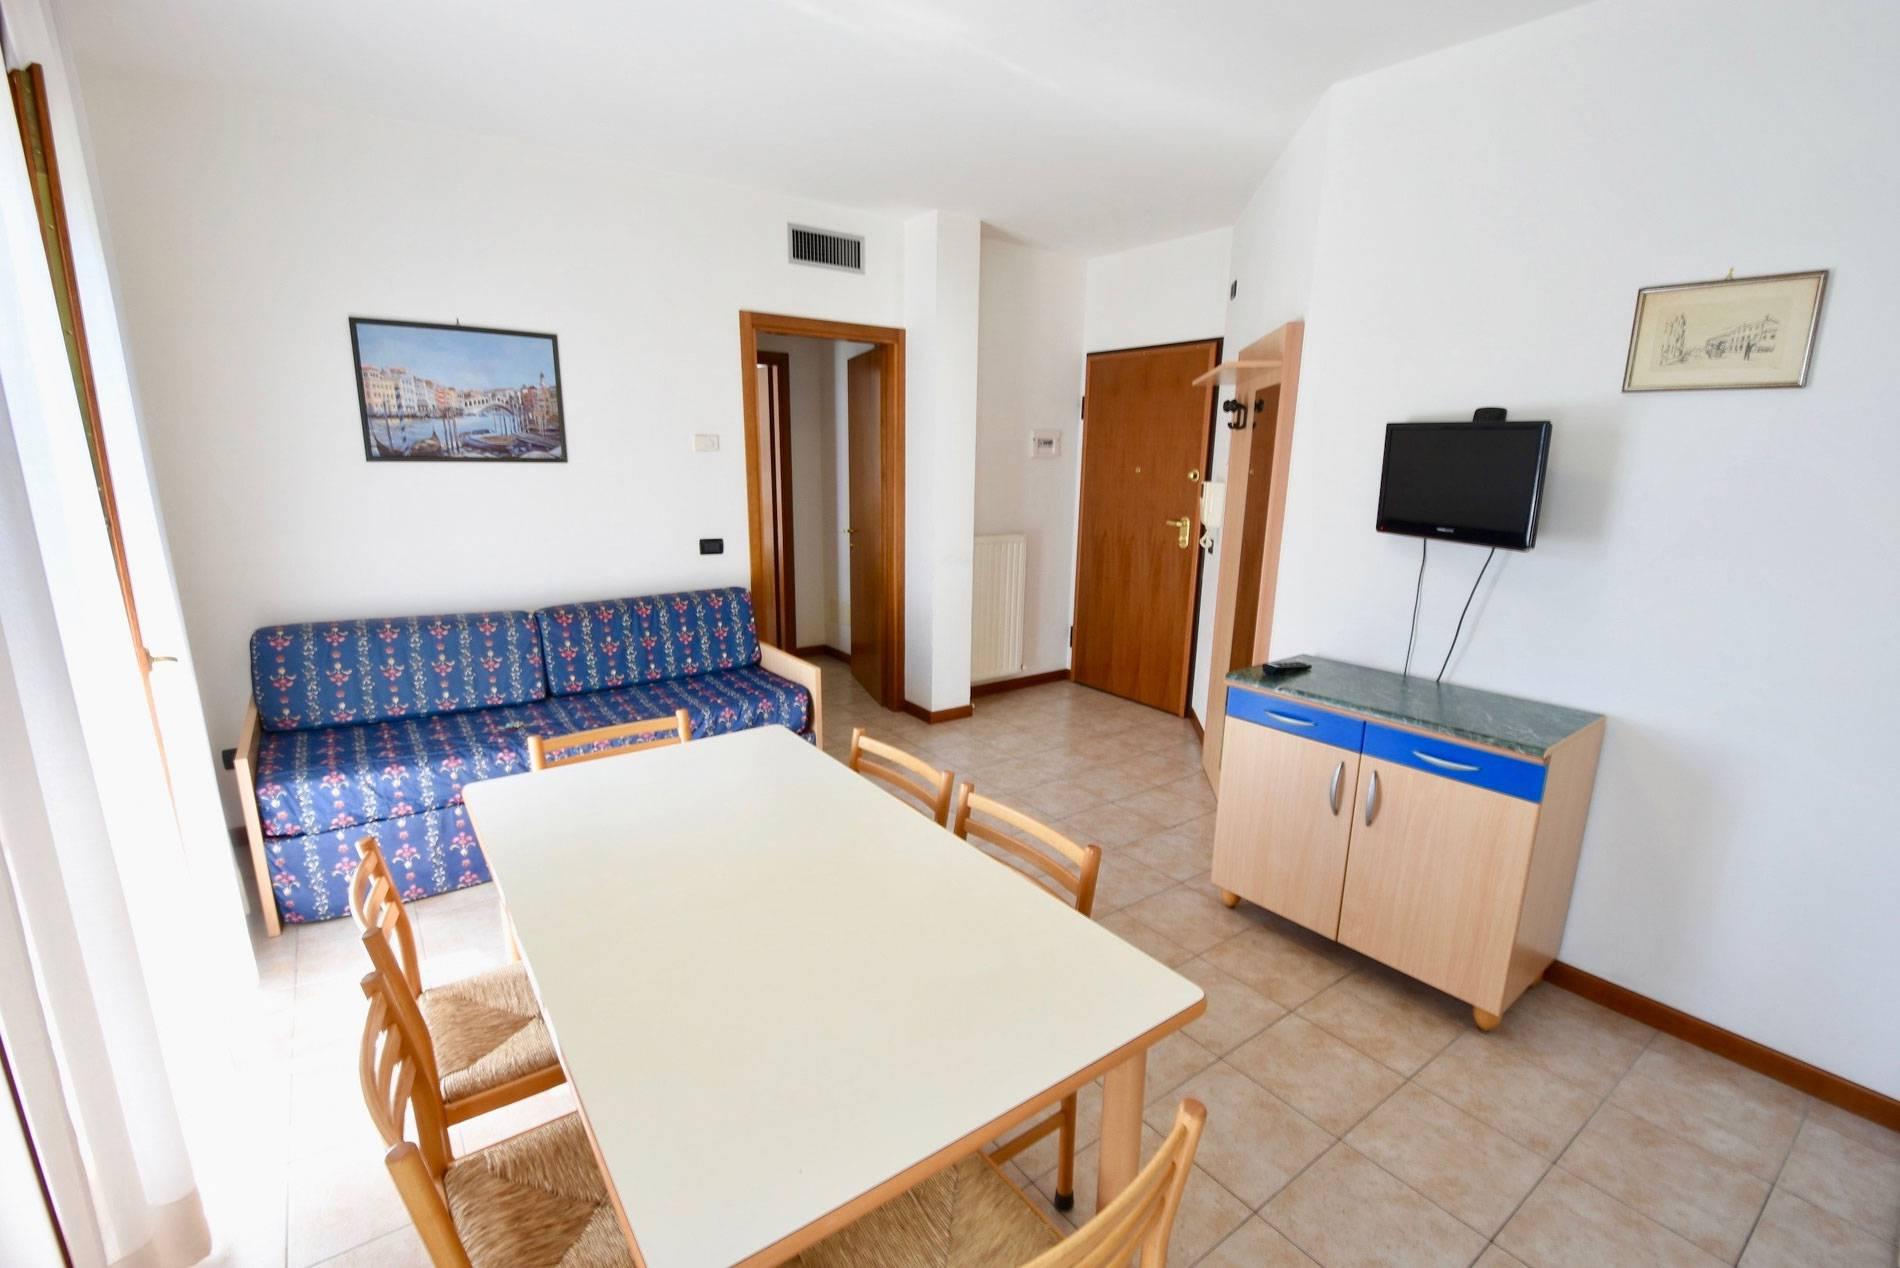 soggiorno-cucina-appartamento-vacanza-jesolo-lido-2145705505